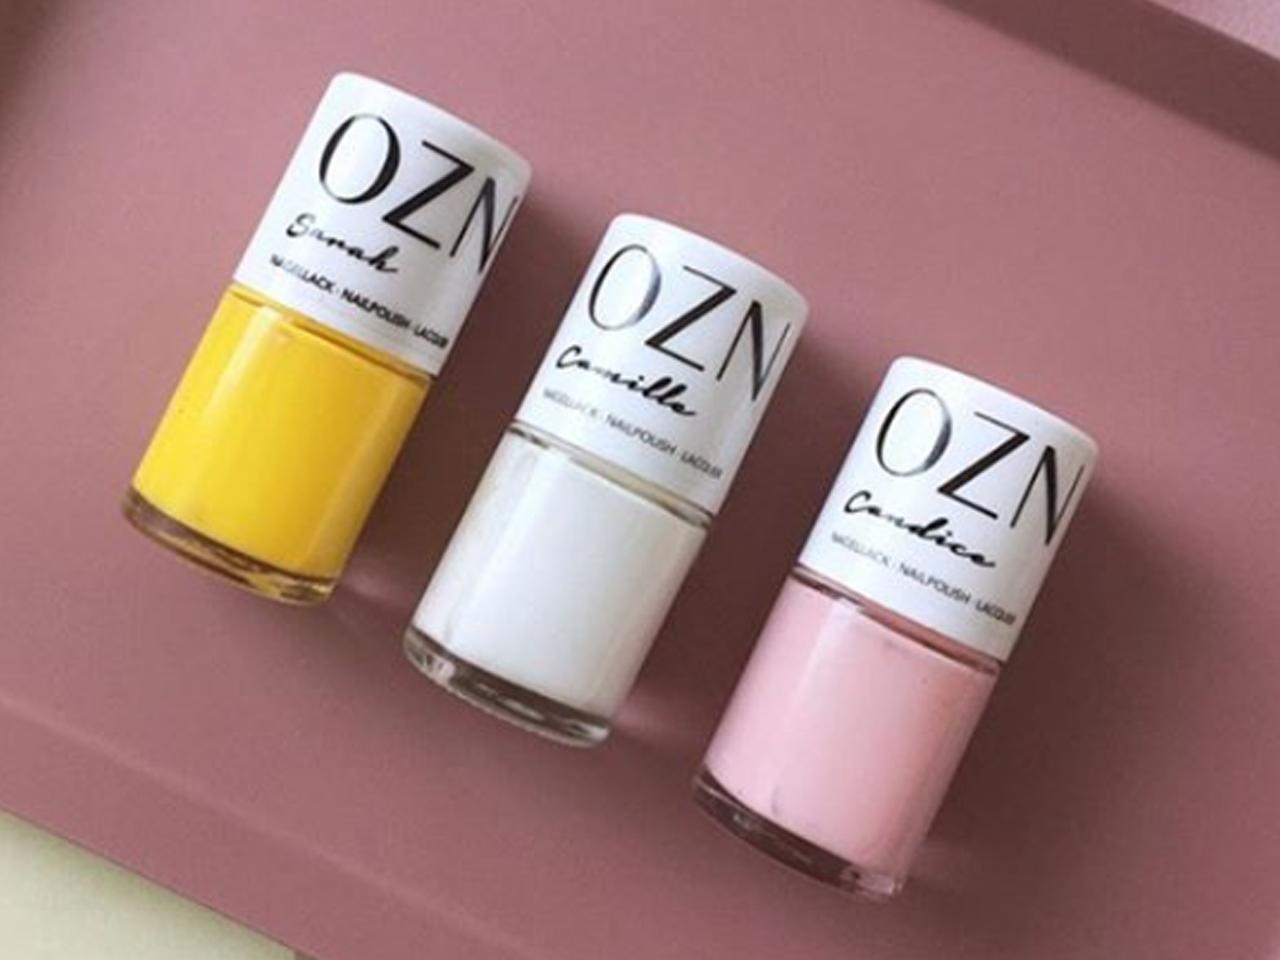 Die Lacke von OZN werden in Deutschland abgefüllt. Und auch alle verwendeten Inhaltsstoffe werden in Deutschland hergestellt. -Fotocredits: OZN